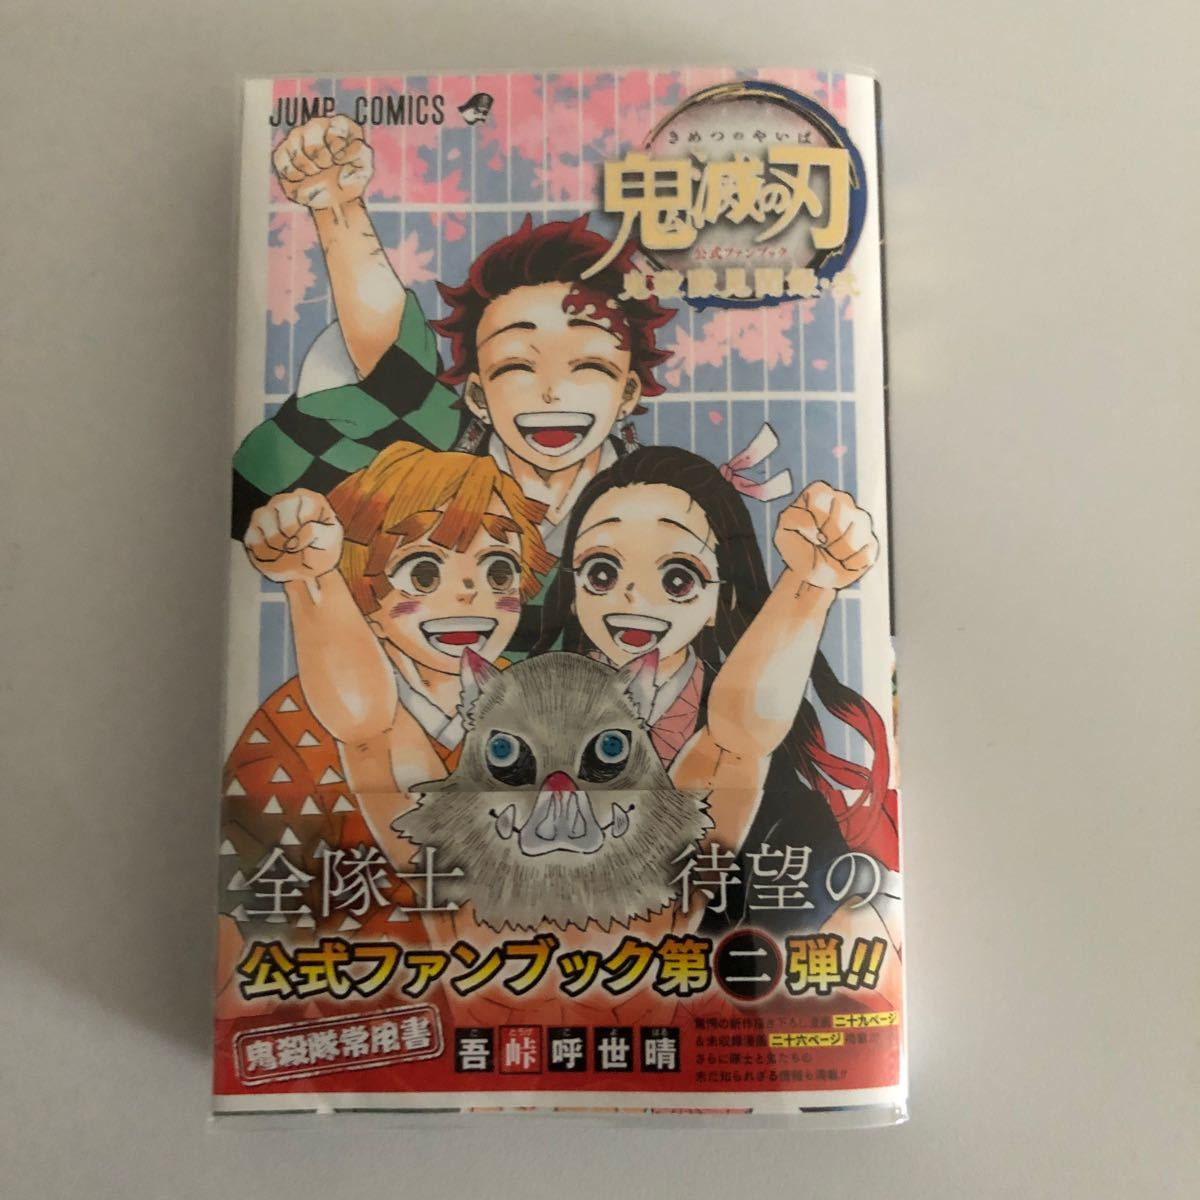 鬼滅の刃 公式ファンブック第二弾 鬼殺隊最終見聞録 (ジャンプコミックス)